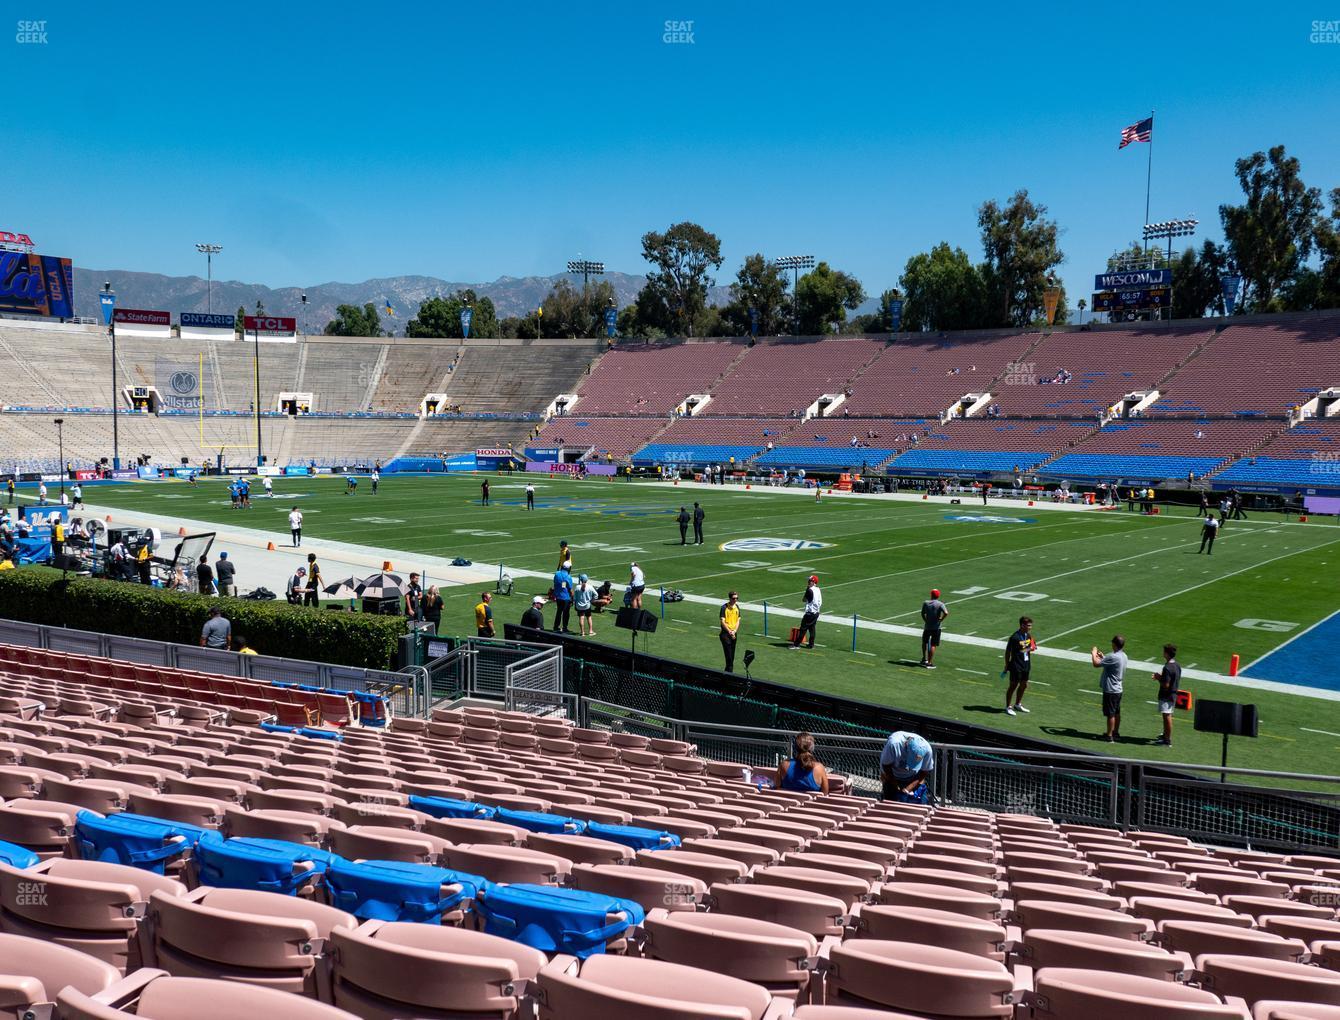 Rose Bowl Lower 21 H Seat Views   SeatGeek